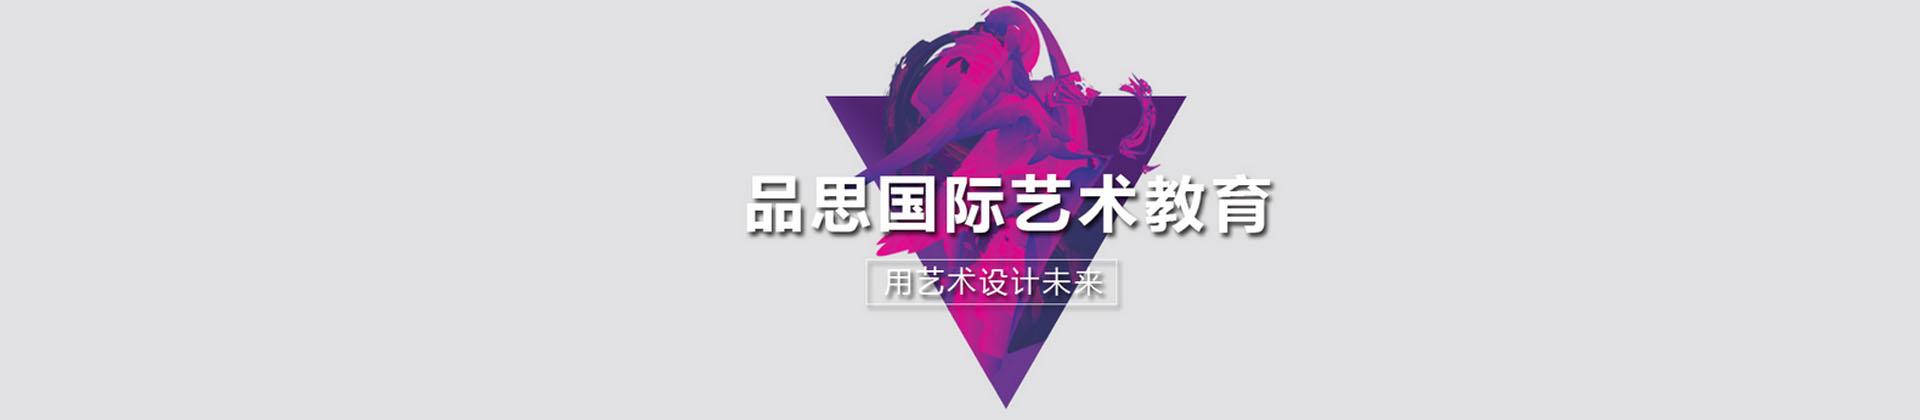 廣州品思國際藝術教育